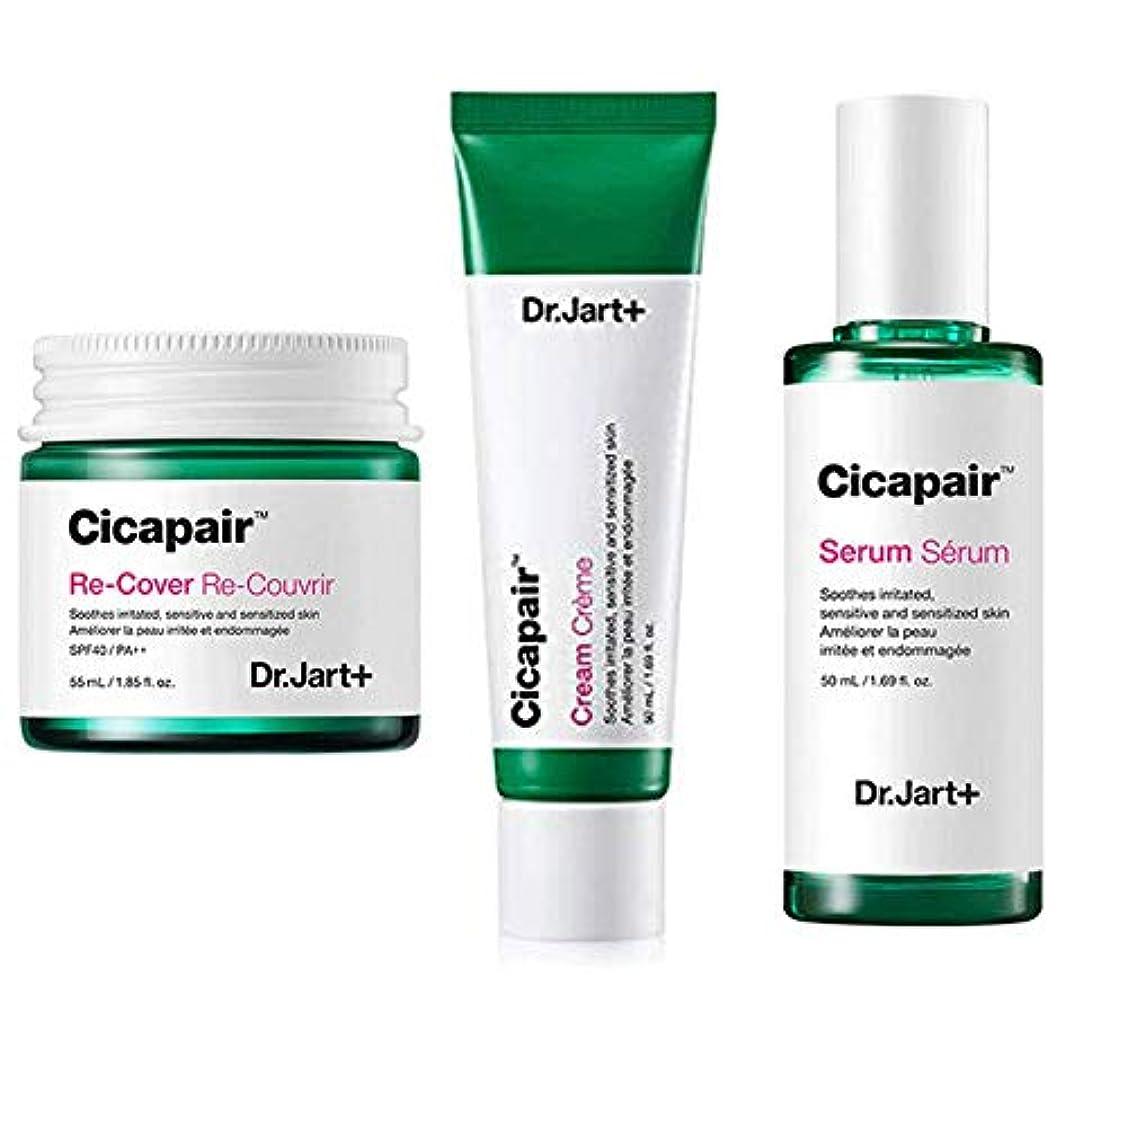 はい知覚する食用Dr.Jart+ Cicapair Cream + ReCover + Serum ドクタージャルトシカペアクリーム50ml + リカバー 55ml + セラム 50ml(2代目) セット [並行輸入品]